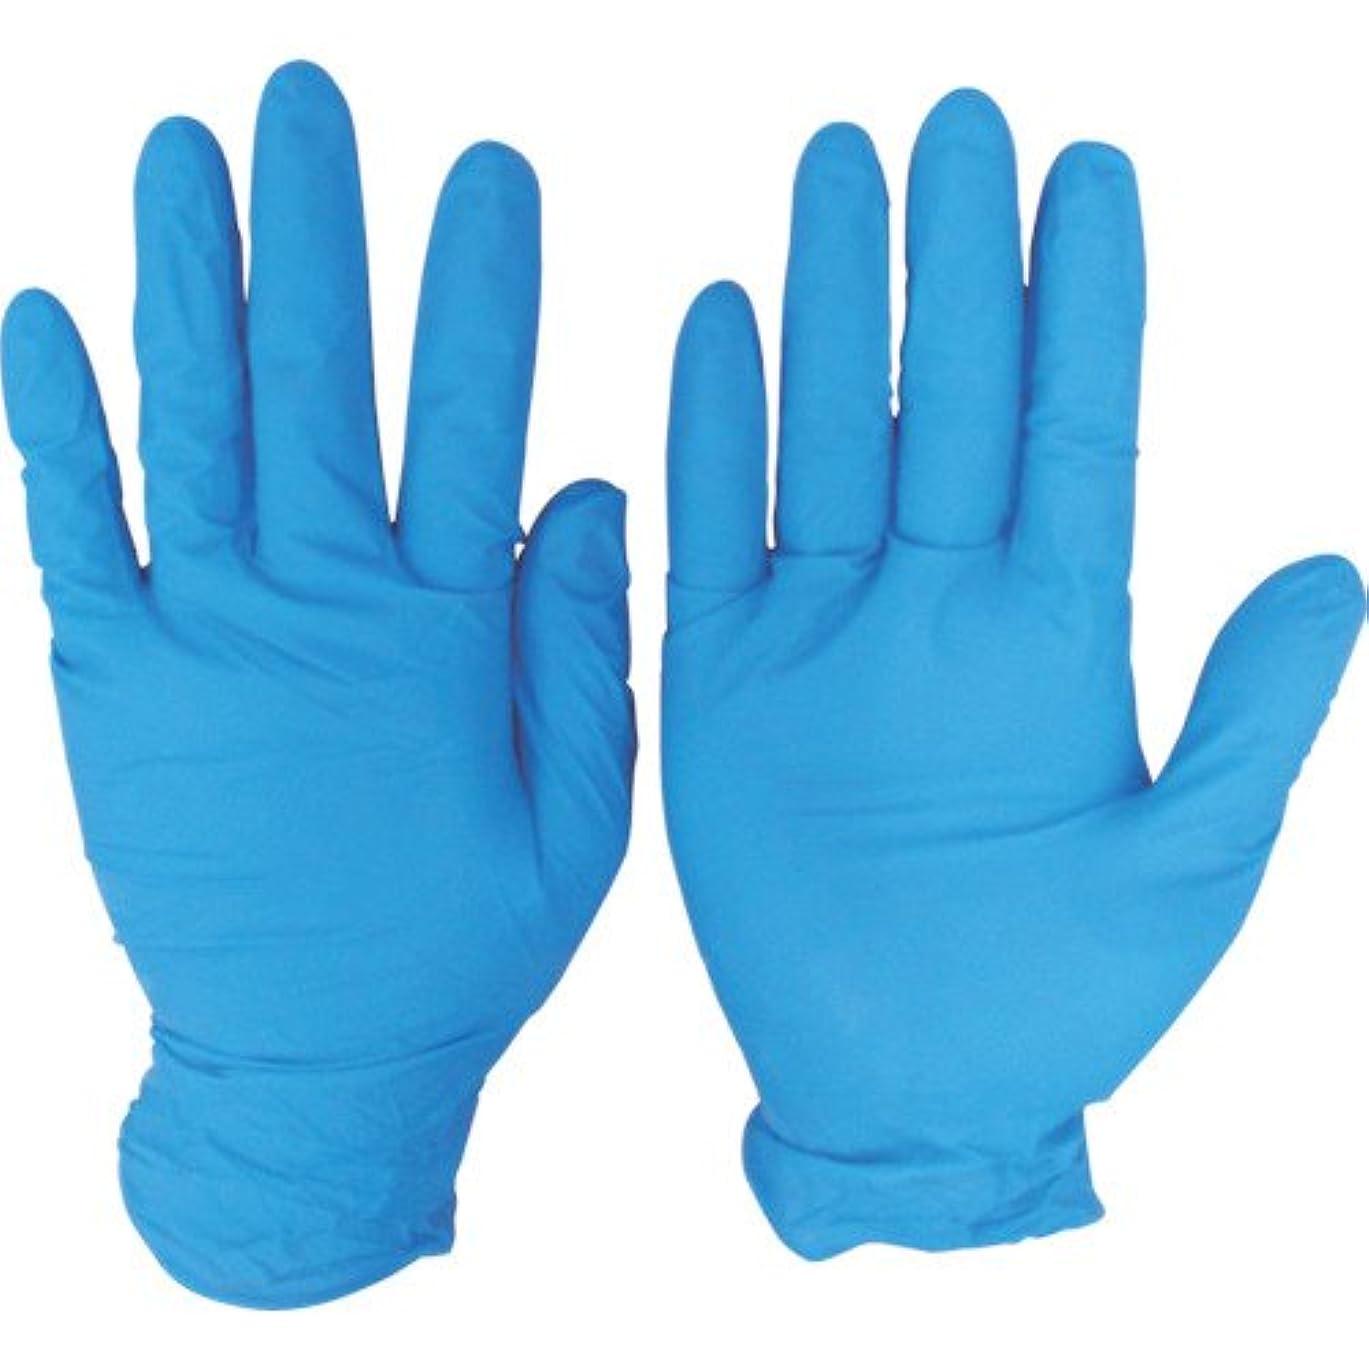 血お父さん狭いシンガー ニトリルディスポグローブ(手袋) No.810 ブルー パウダーフリー(100枚) L